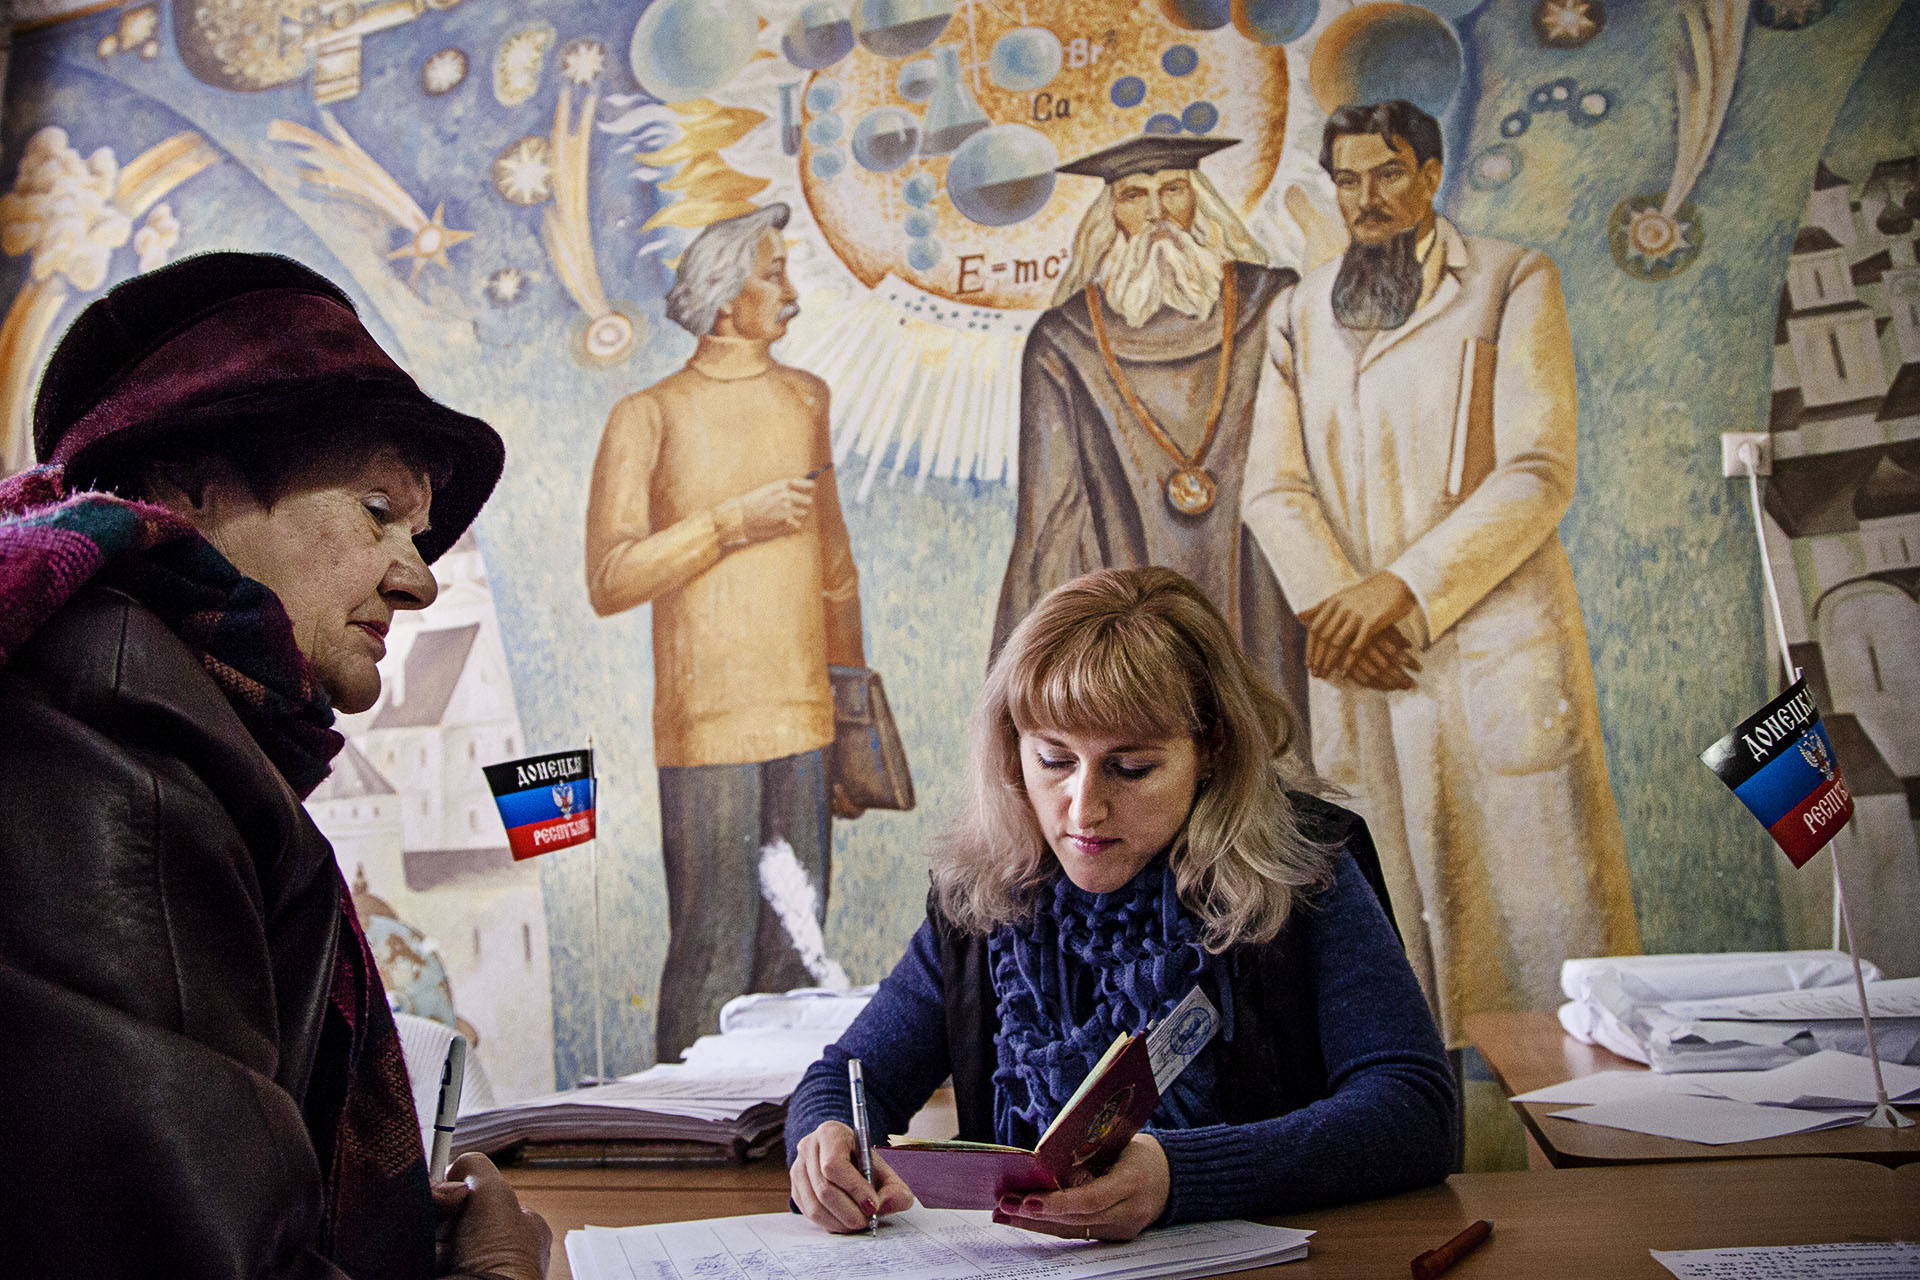 En noviembre se celebraron elecciones con la intención de legitimizar al gobierno de Donetsk